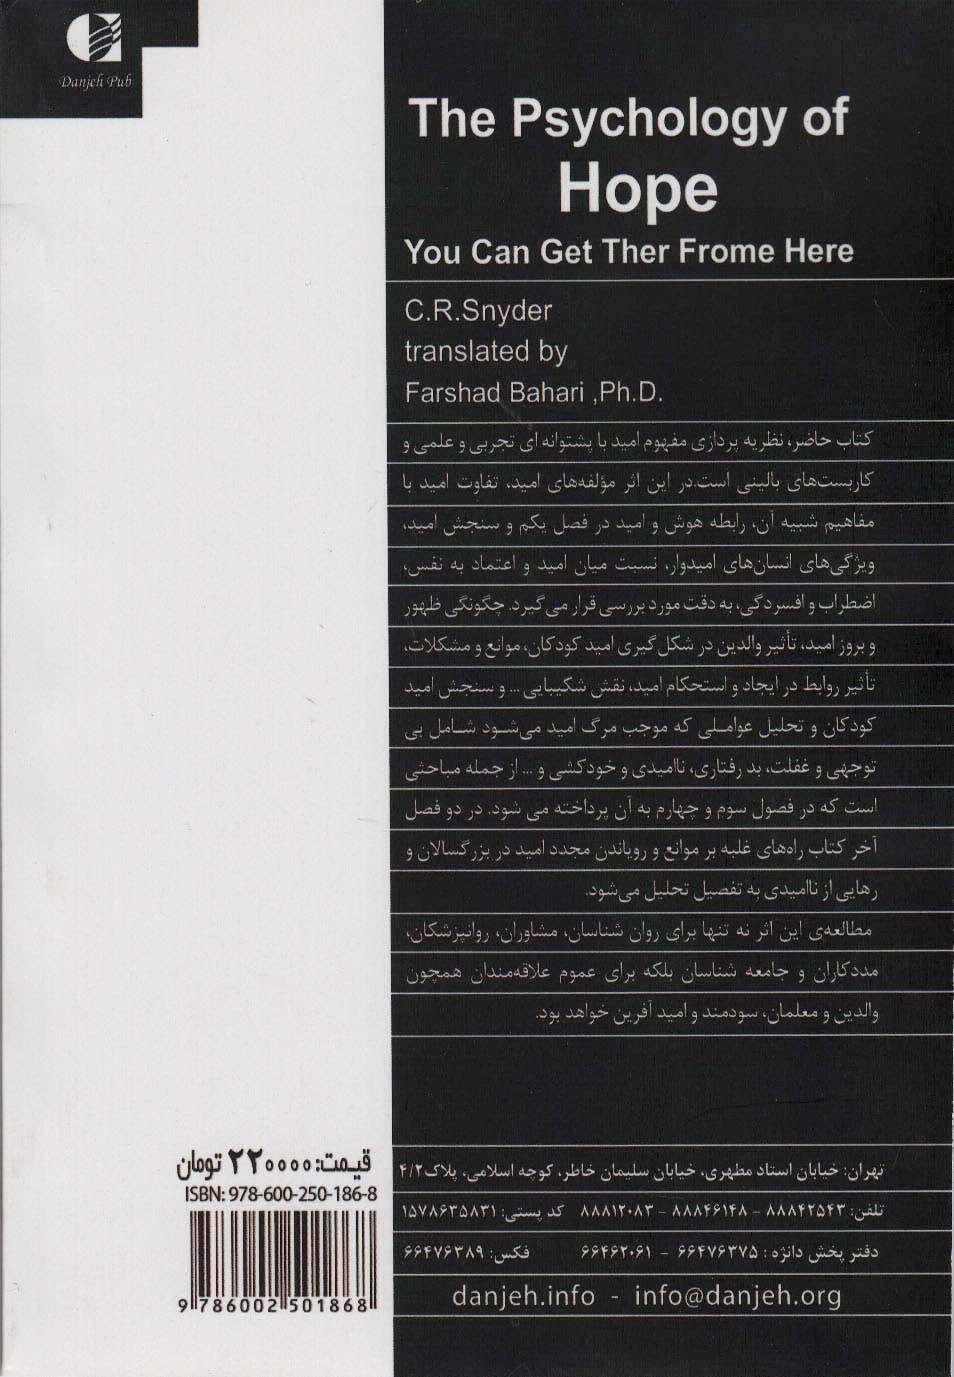 روان شناسی امید (شما می توانید از این جا به آن جا برسید)